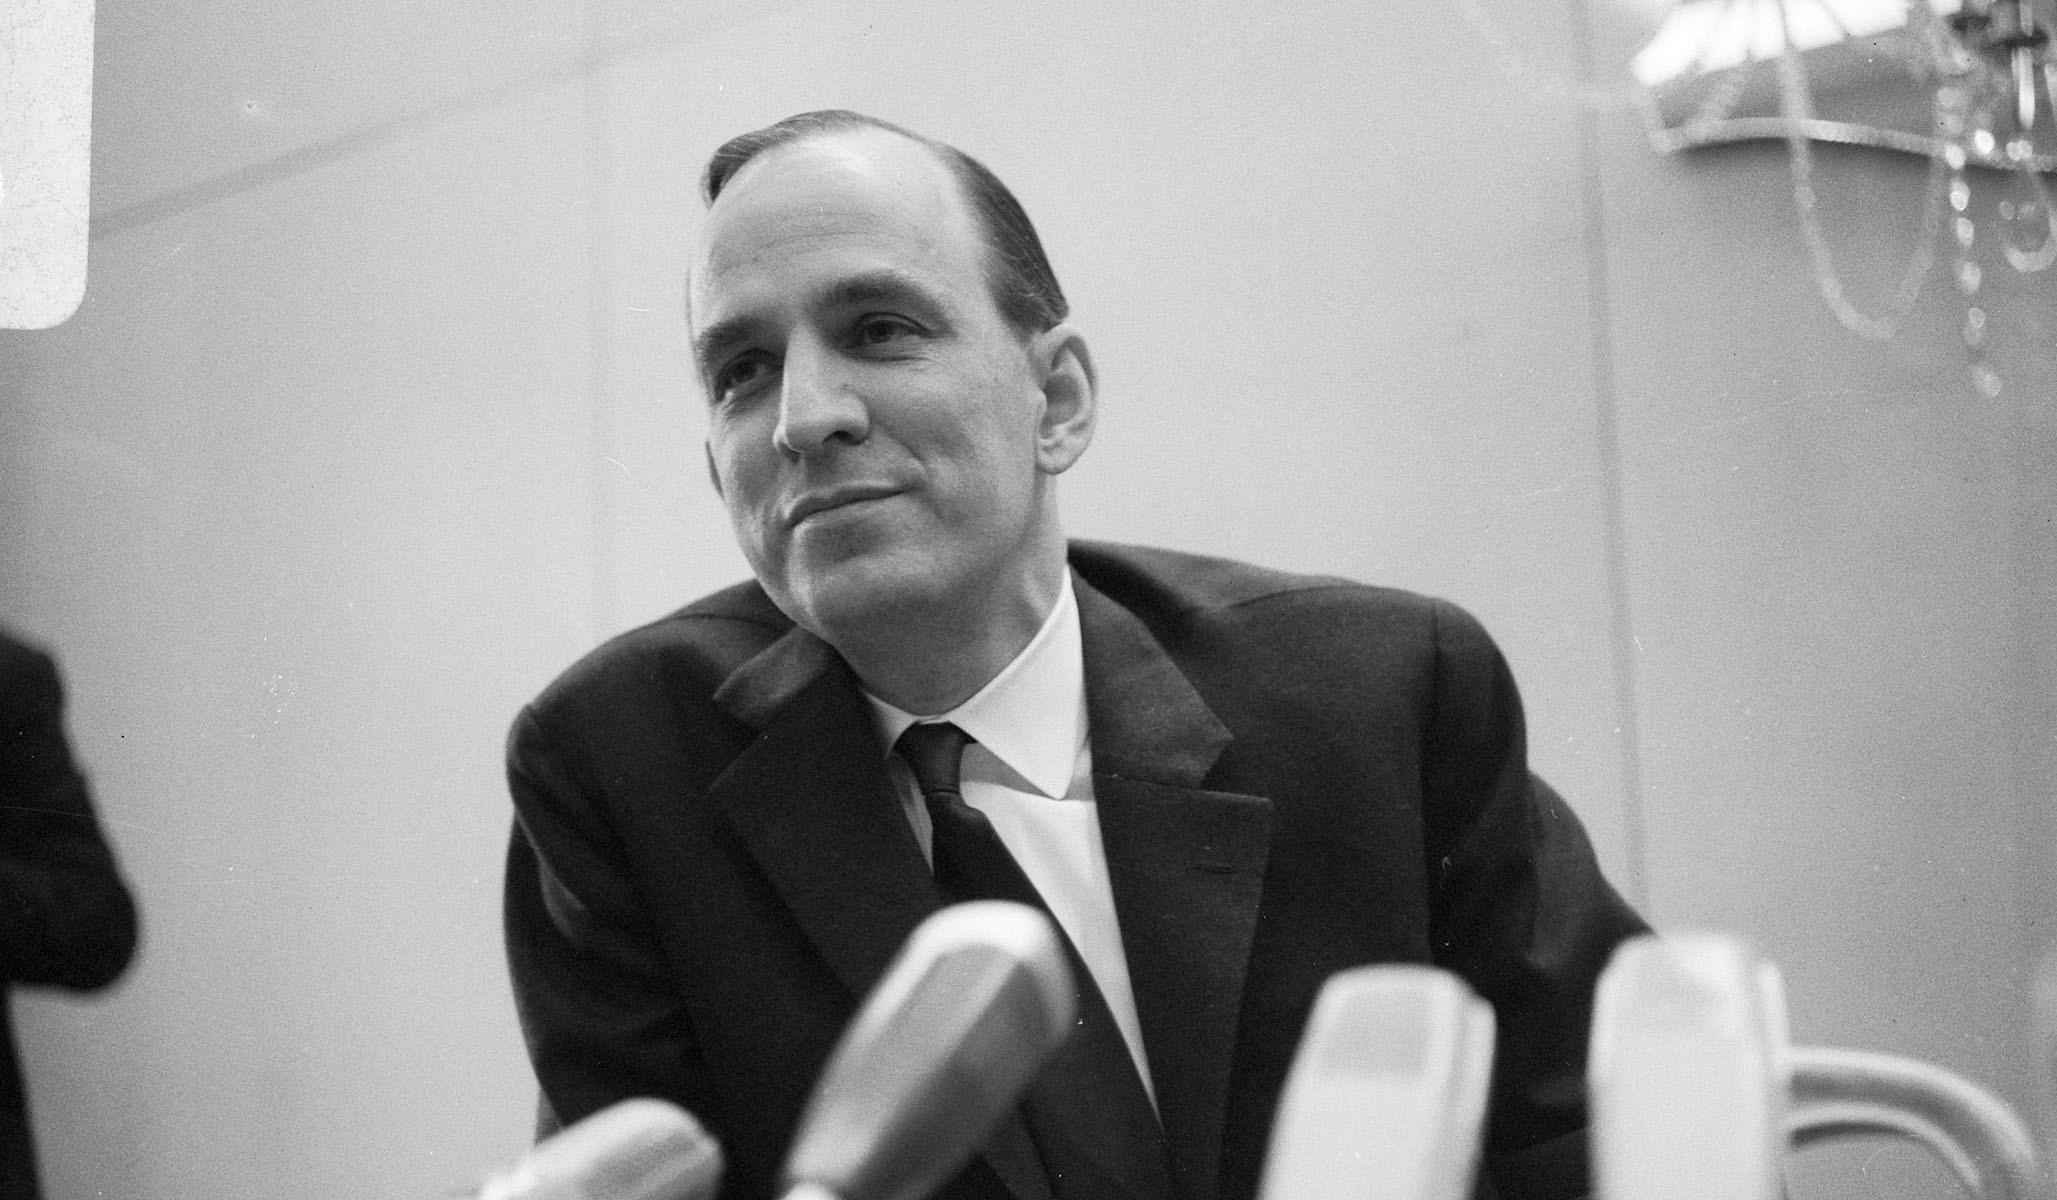 Ingmar-Bergman-1966-uncropped.jpg